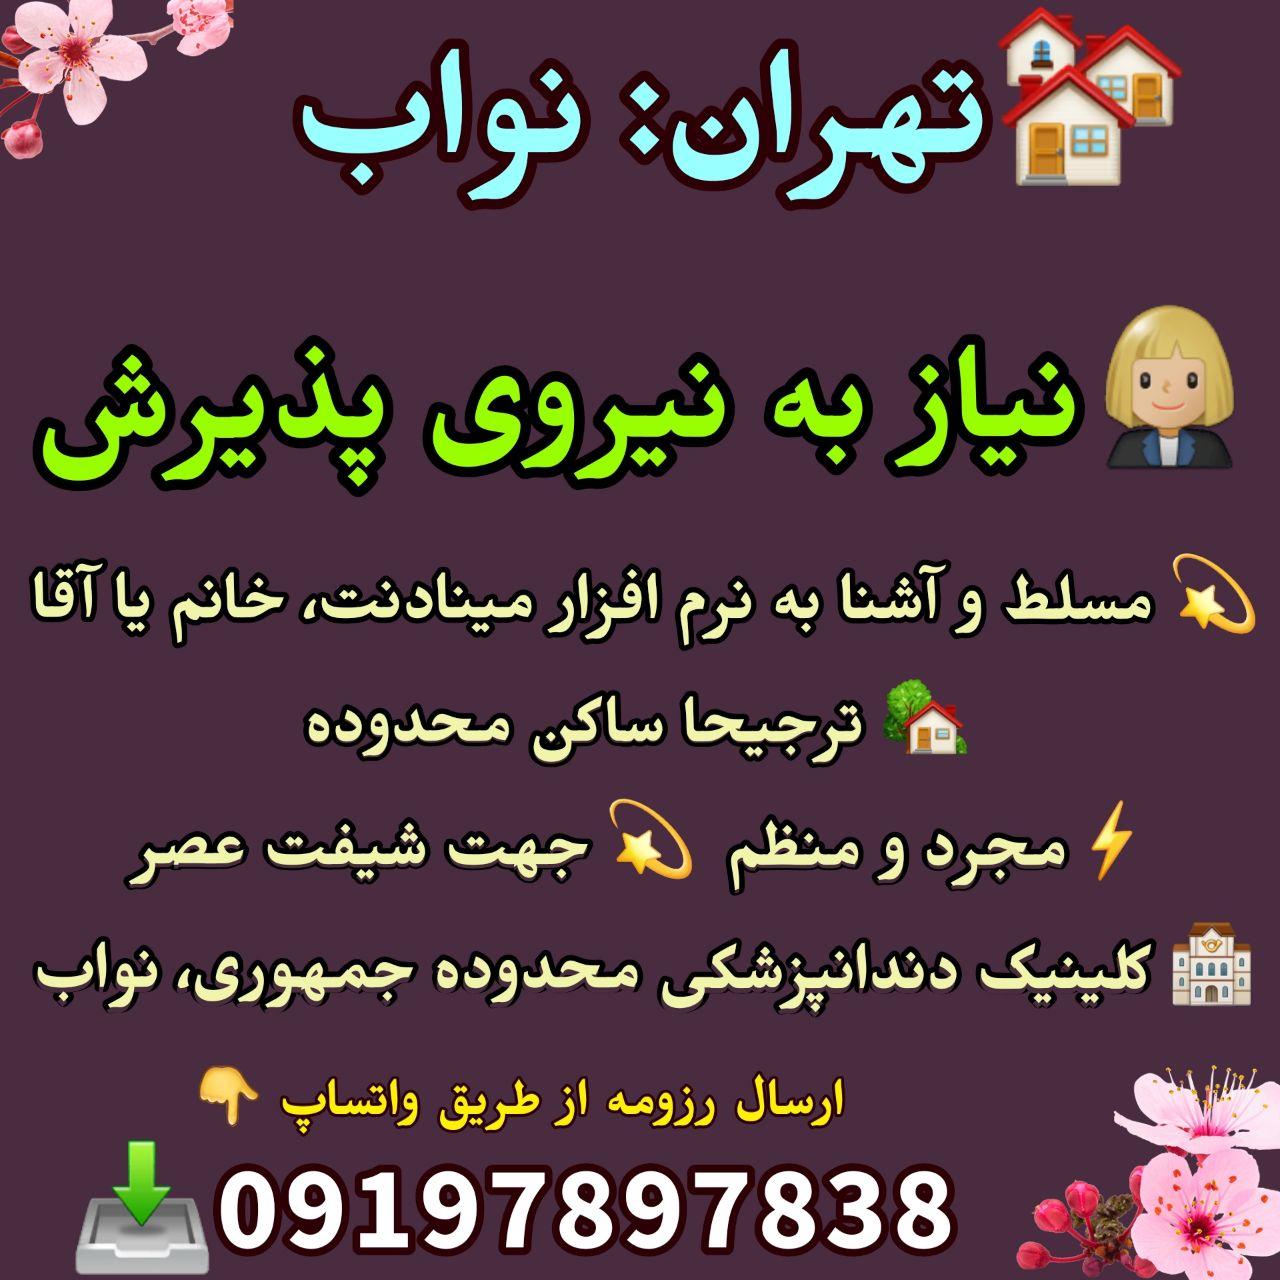 تهران: نواب